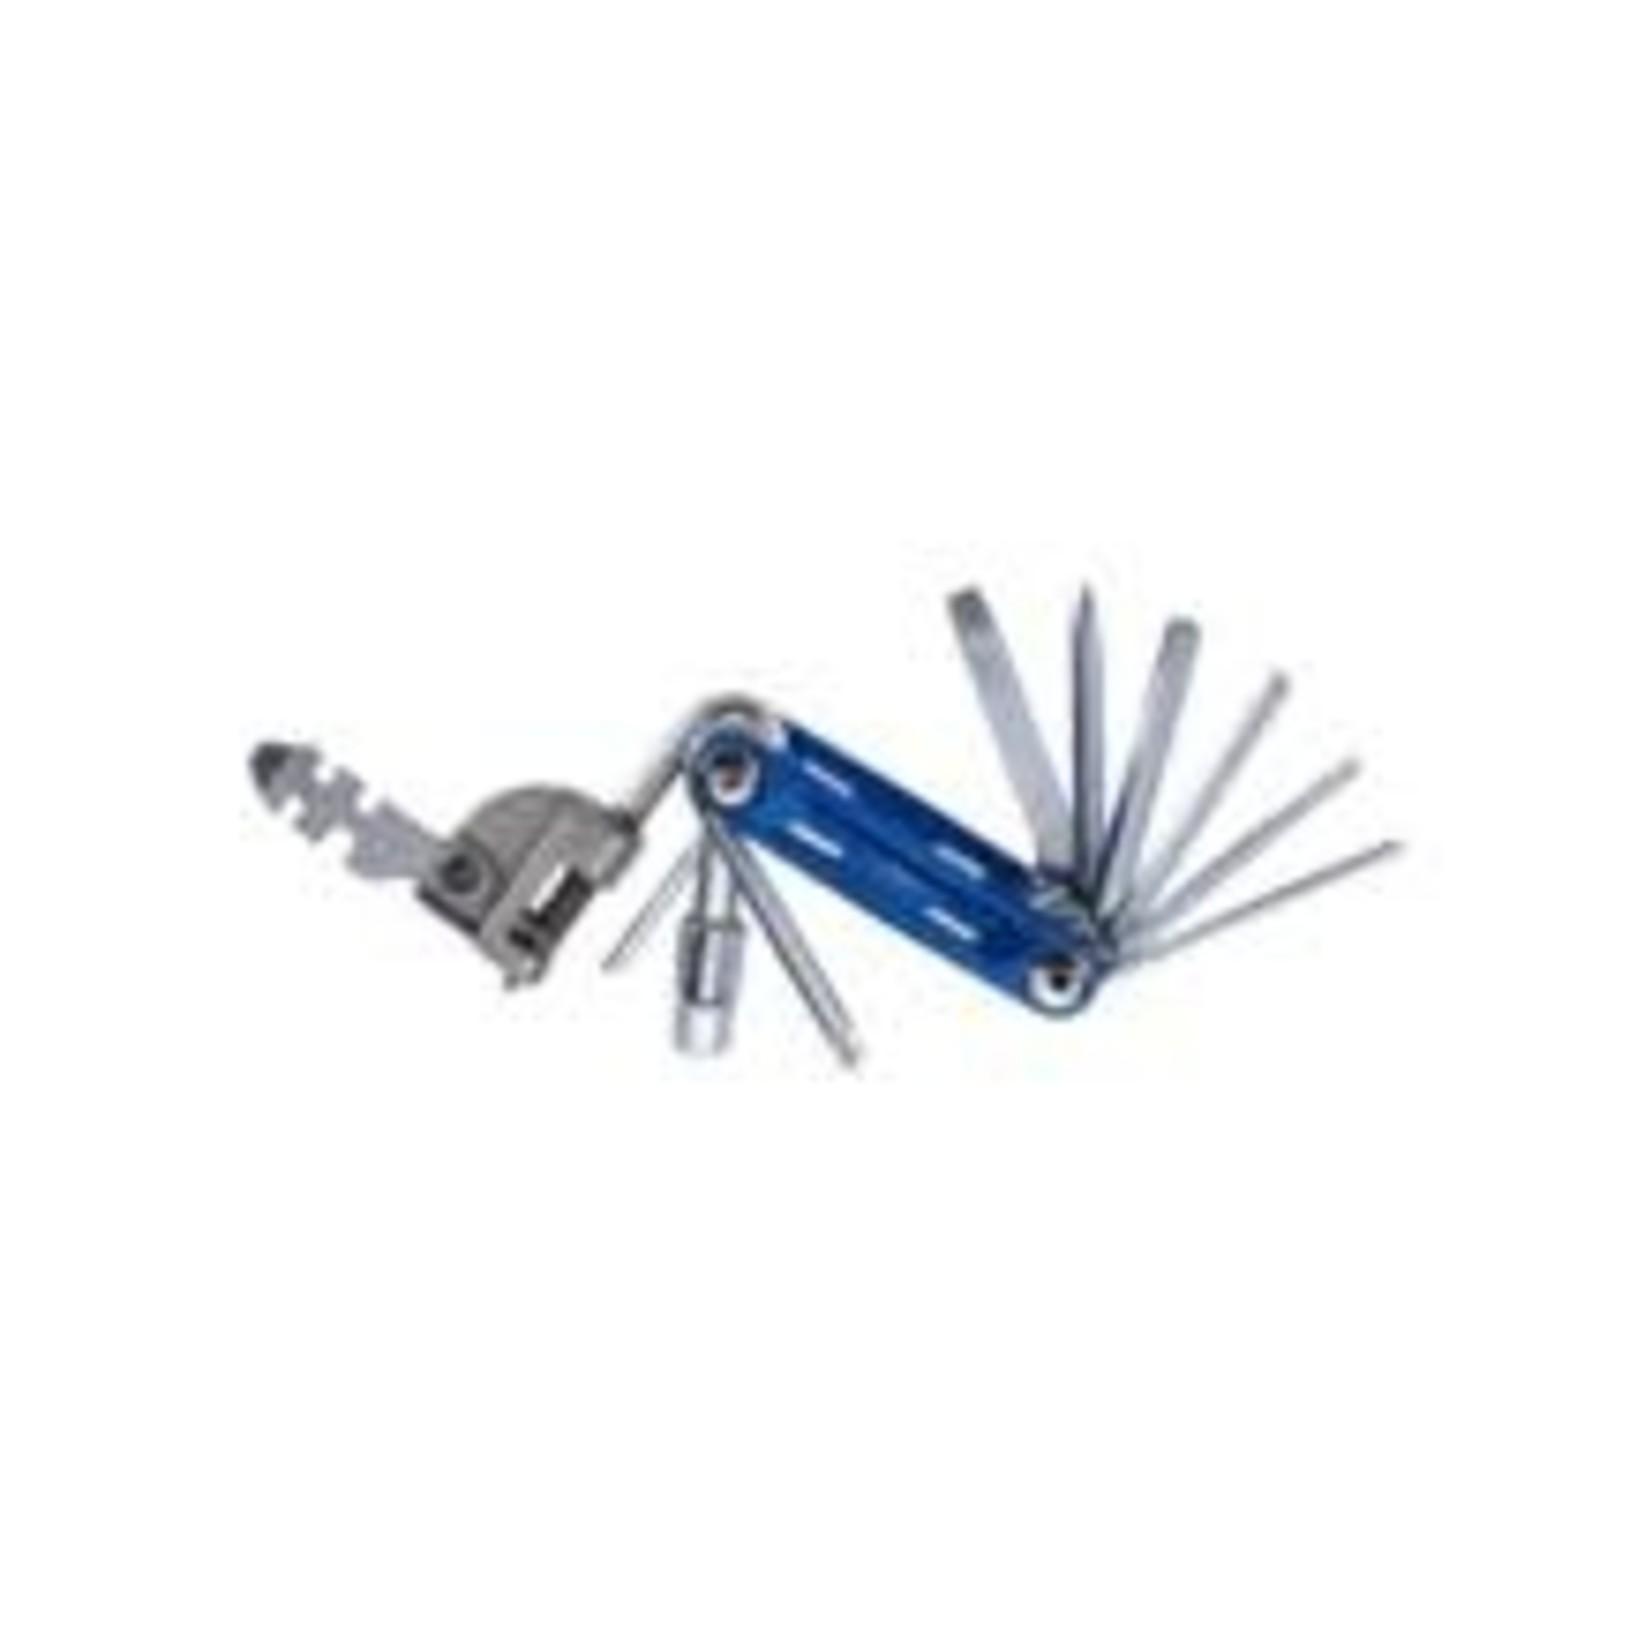 Multi Tool - Primefold Large, 16 Functions